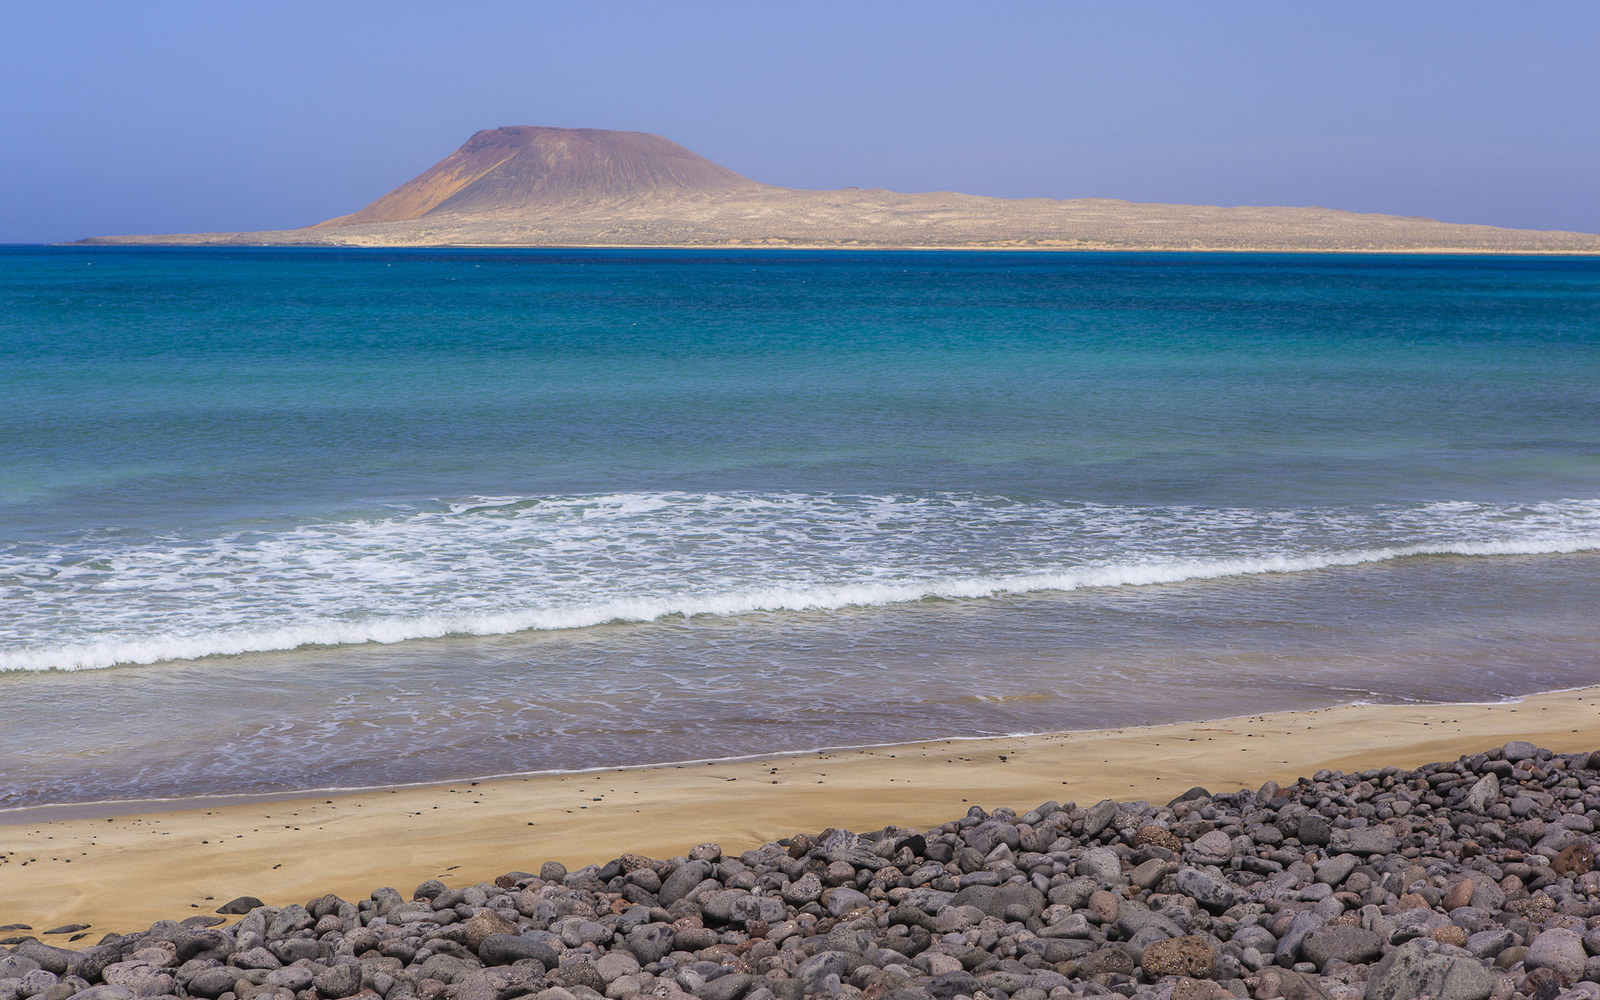 La playa bajo el Risco, Lanzarote, fotografía de Ramón Pérez Niz